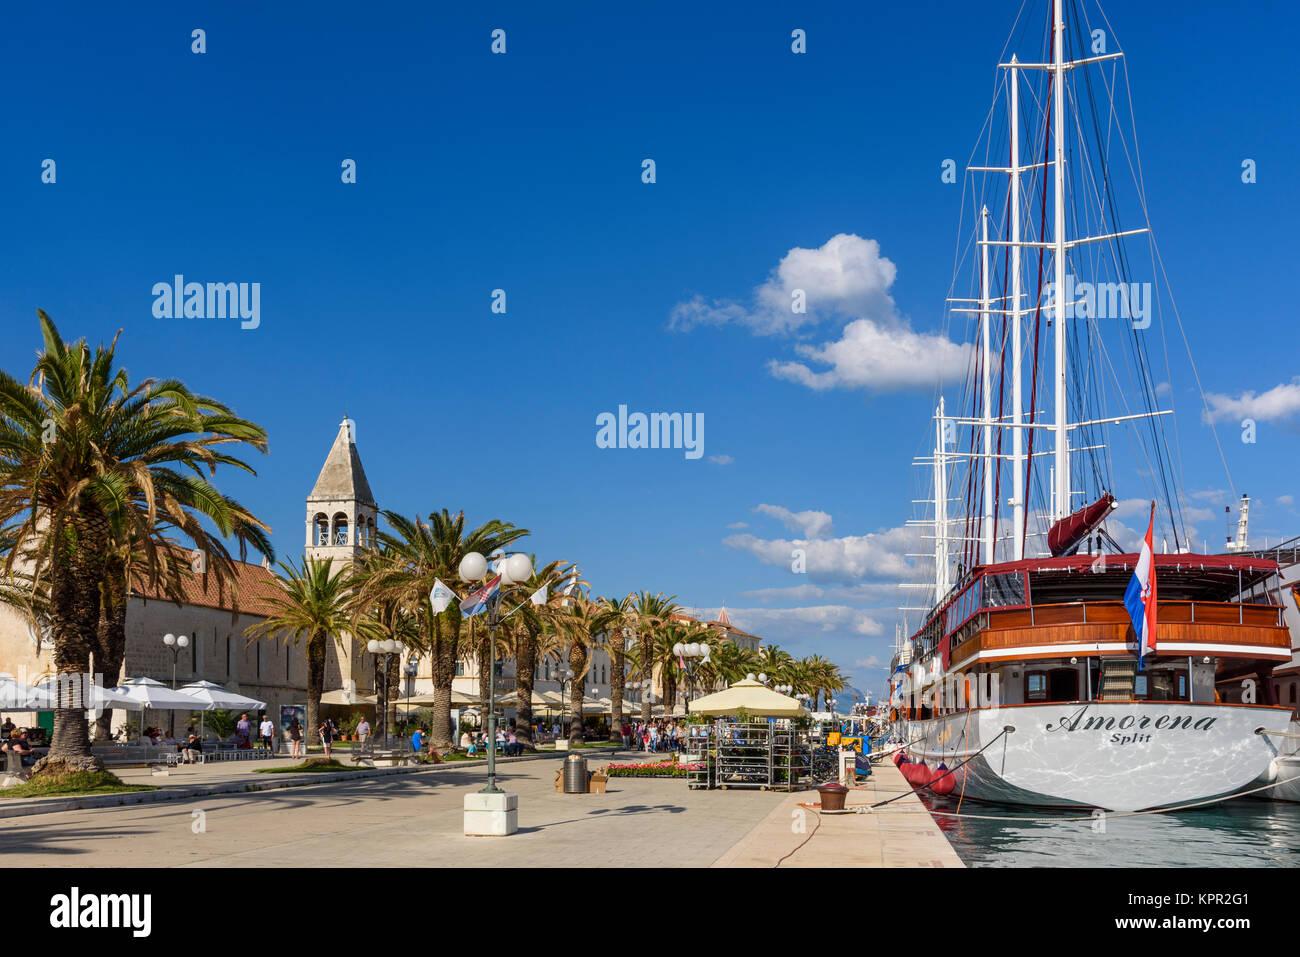 Les navires de croisière le long de la promenade du front de mer, la vieille ville de Trogir, Croatie Photo Stock